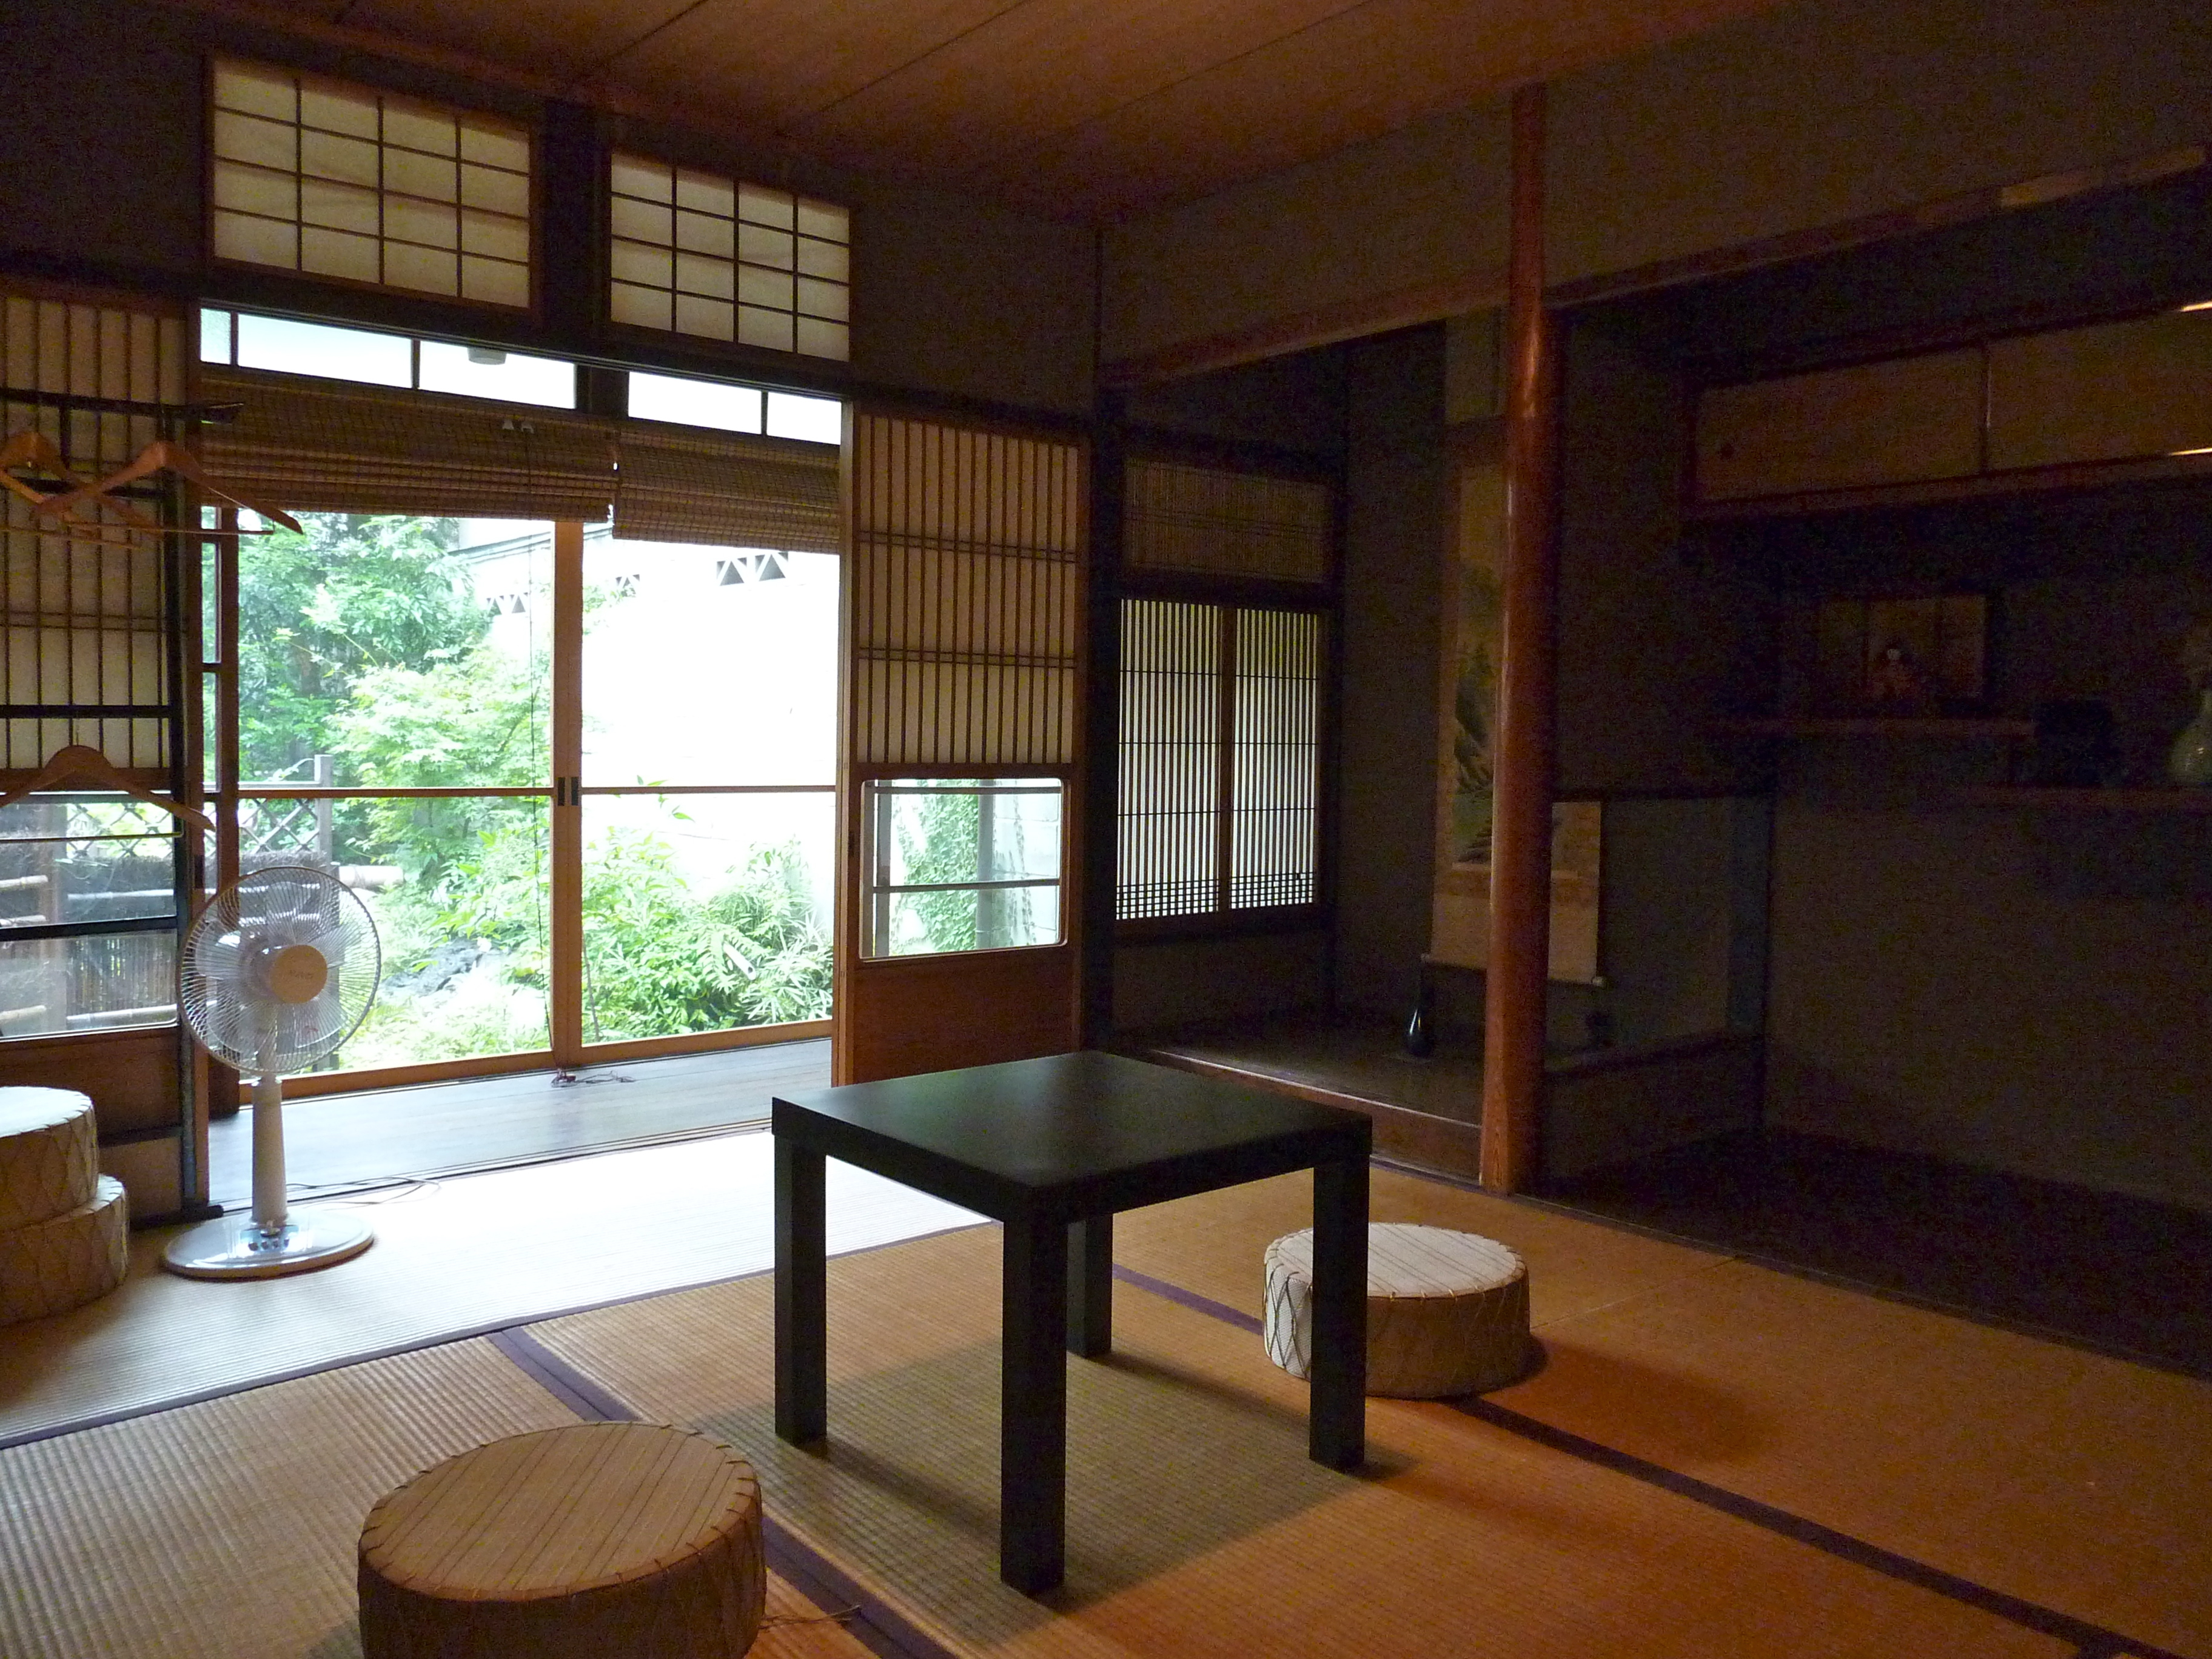 Dormir dans une auberge japonaise traditionnelle - DAVID-MINH ...